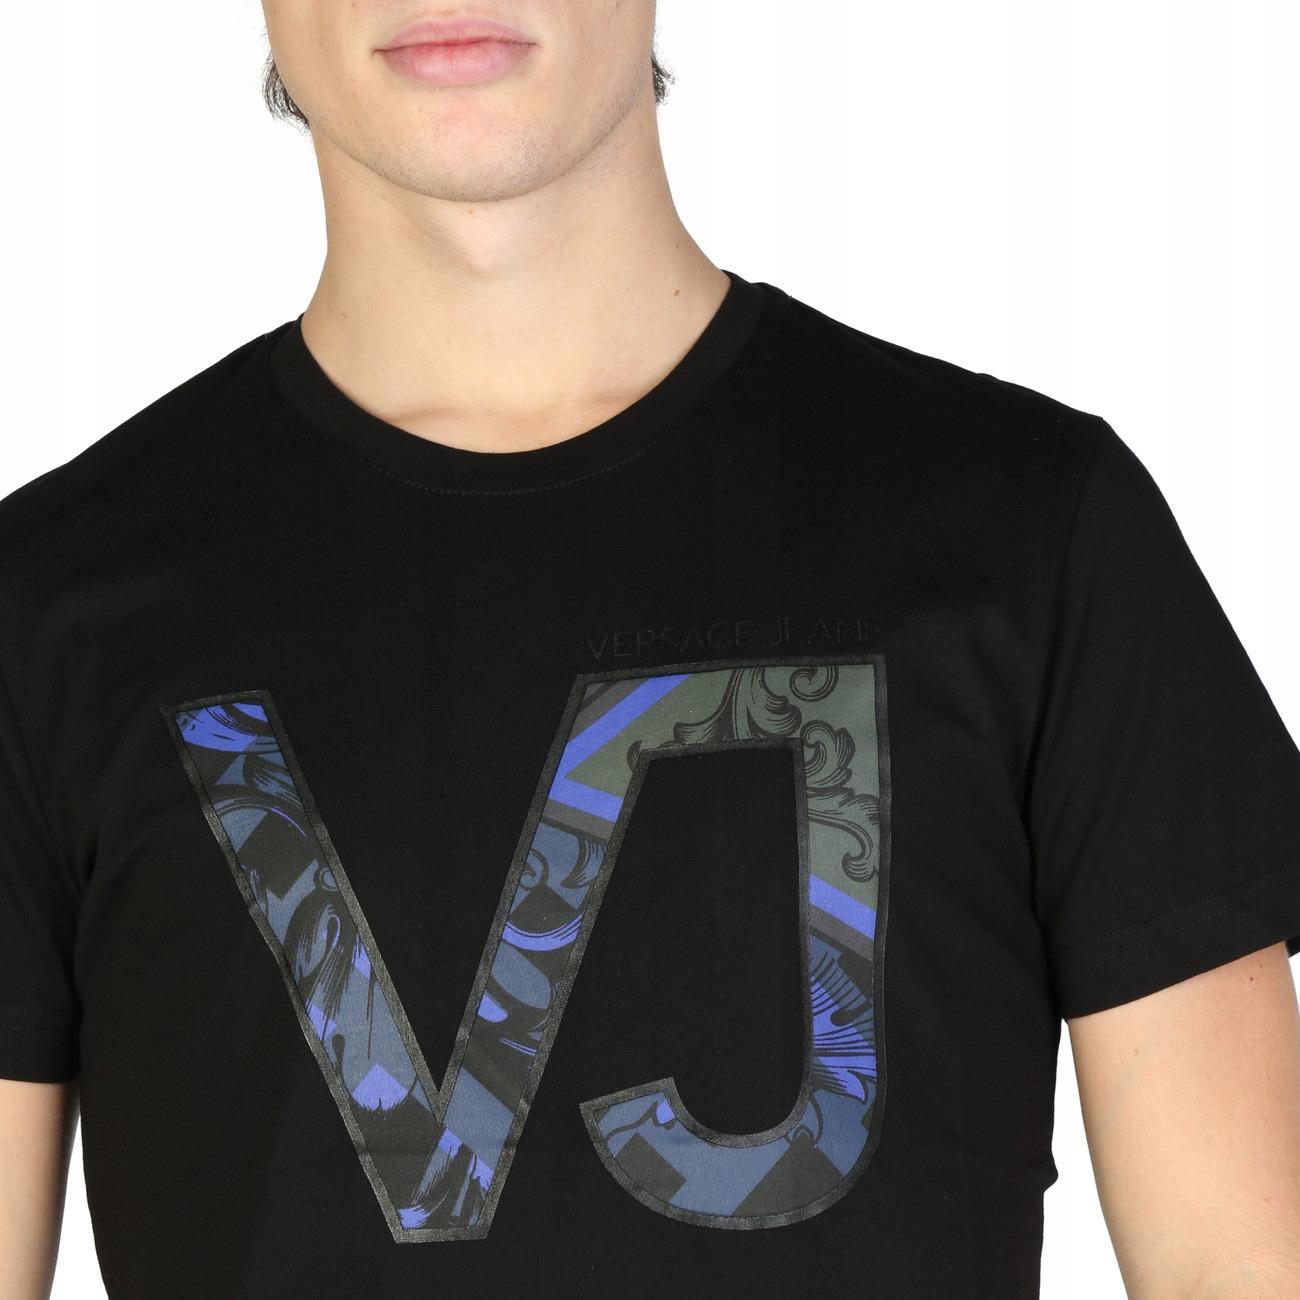 T-SHIRT Koszulka Versace Jeans - B3GSB73D_36598 S